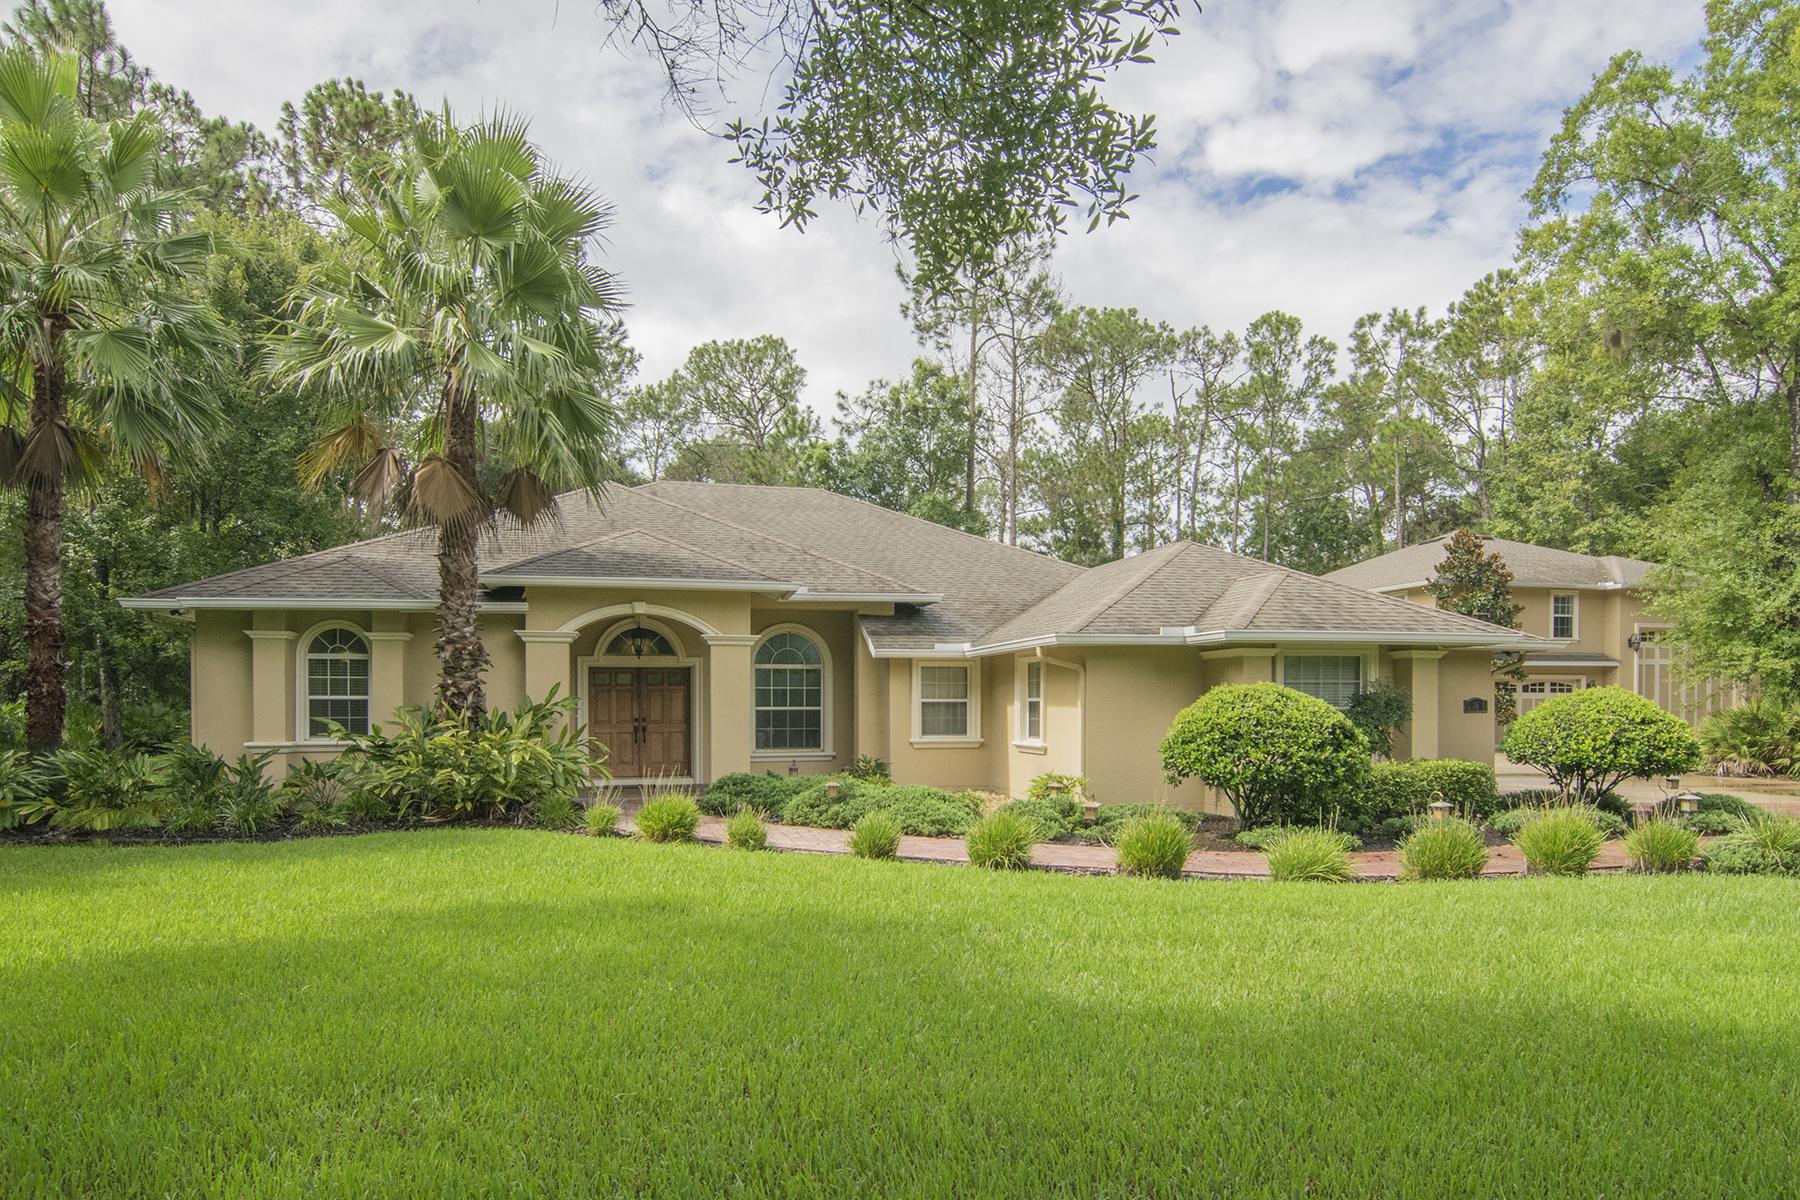 Maison unifamiliale pour l Vente à WESLEY CHAPEL 27800 Lincoln Pl Wesley Chapel, Florida, 33544 États-Unis